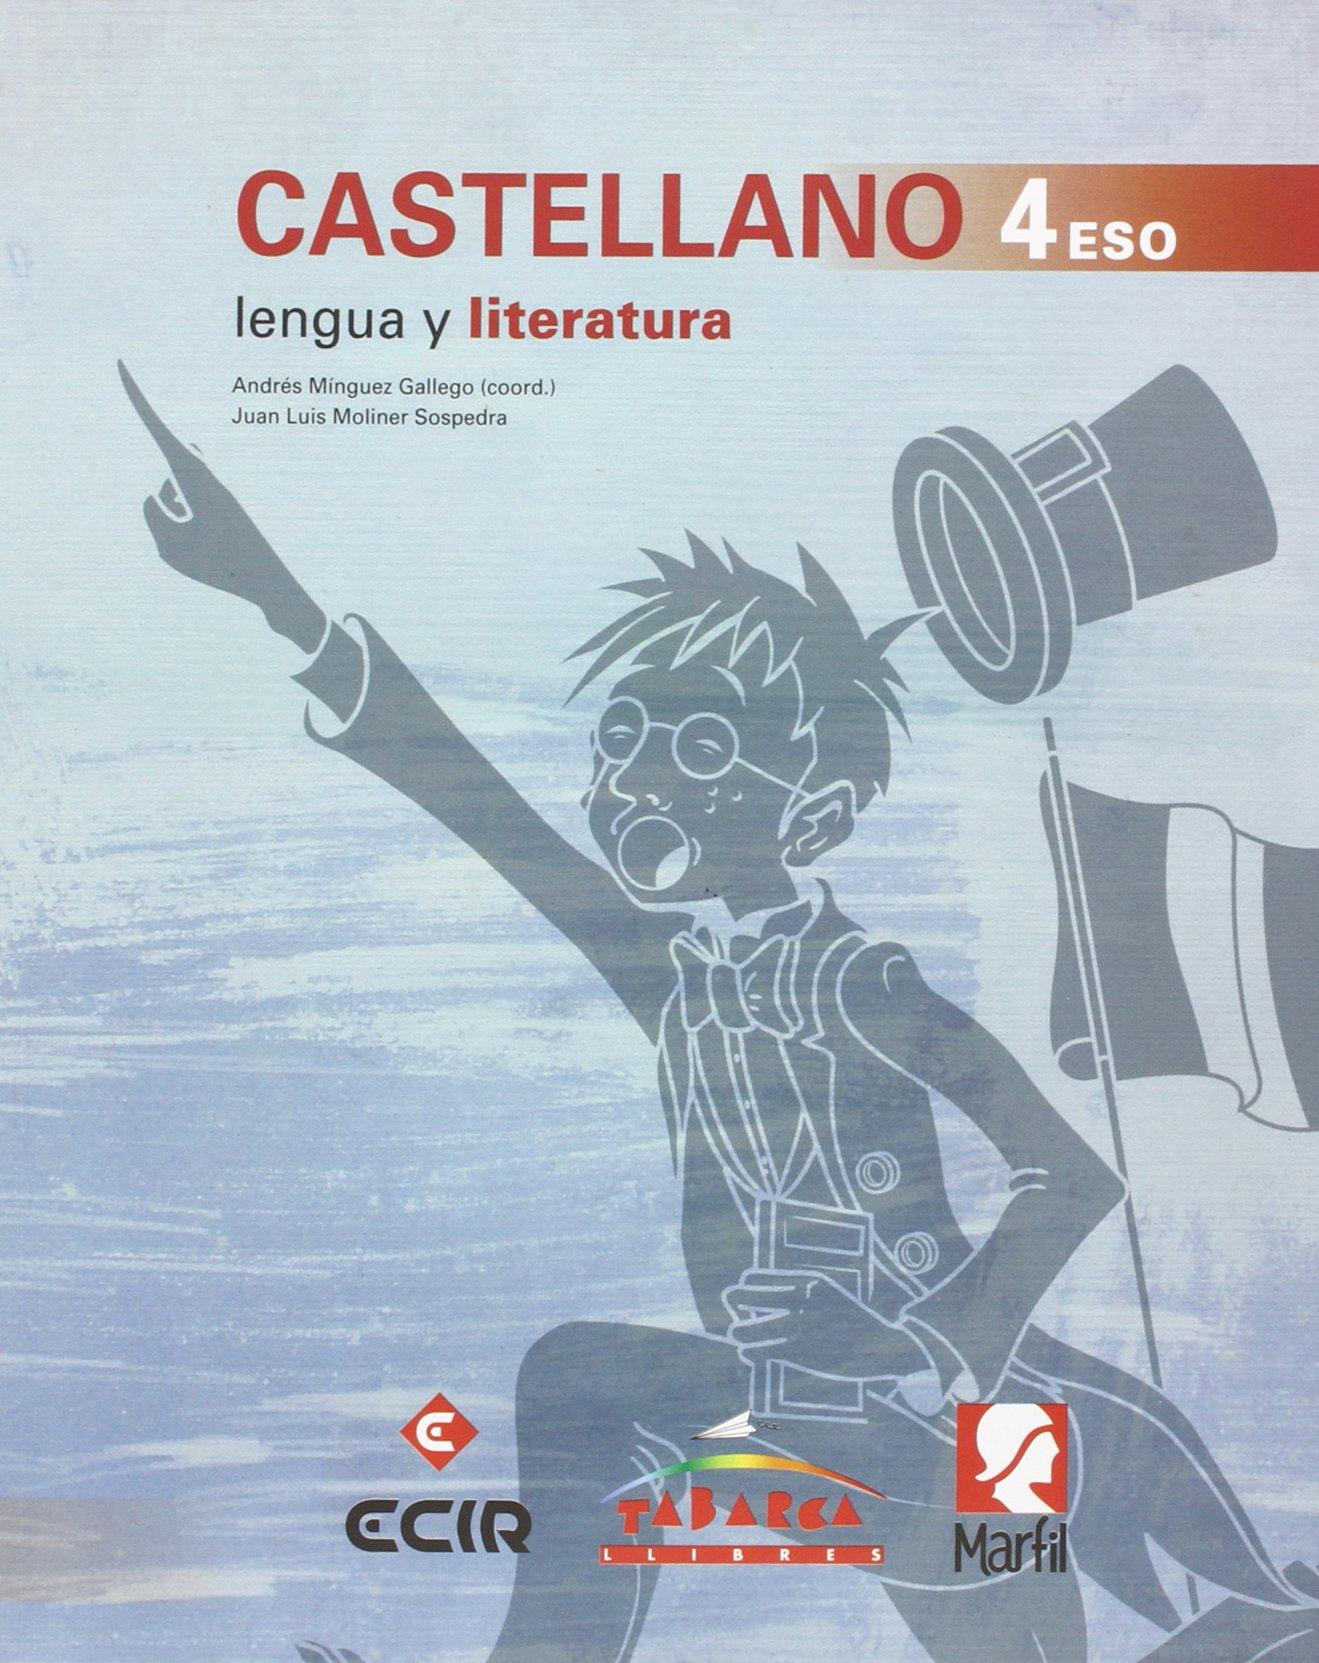 Lengua Española Y Literatura 4º 2 libros - 9788480253604: Amazon.es: Mínguez, Andrés, Moliner, Juan Luis, García, Oriol: Libros